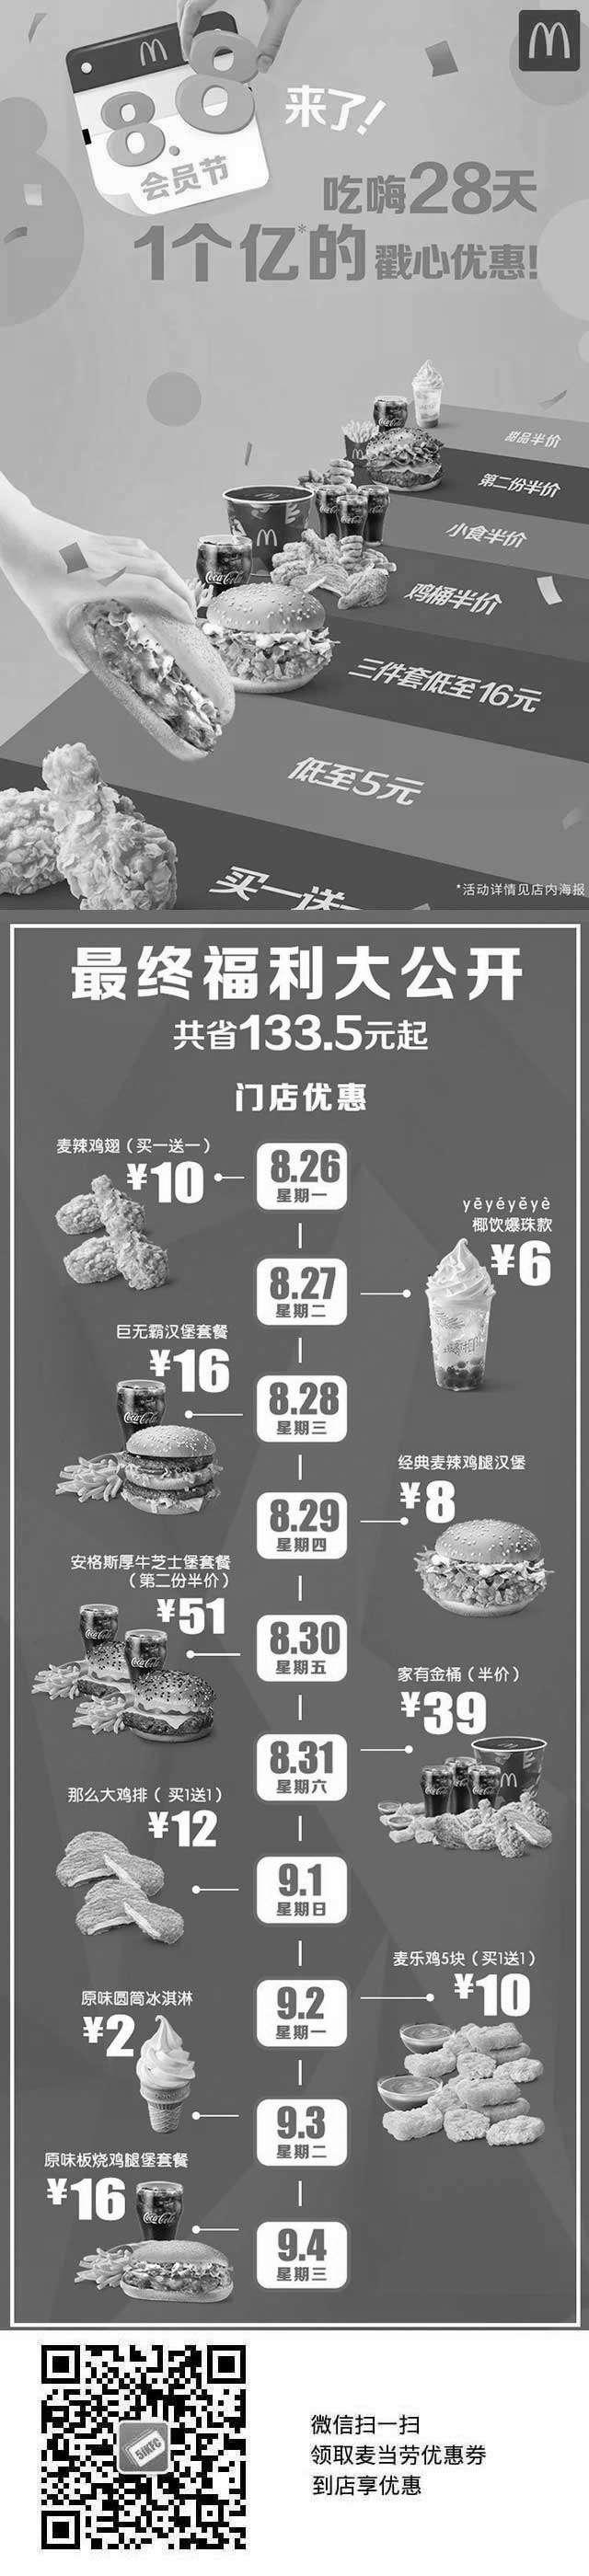 黑白优惠券图片:麦当劳2019年88会员节,5元汉堡、半价鸡桶多款优惠券 - www.5ikfc.com